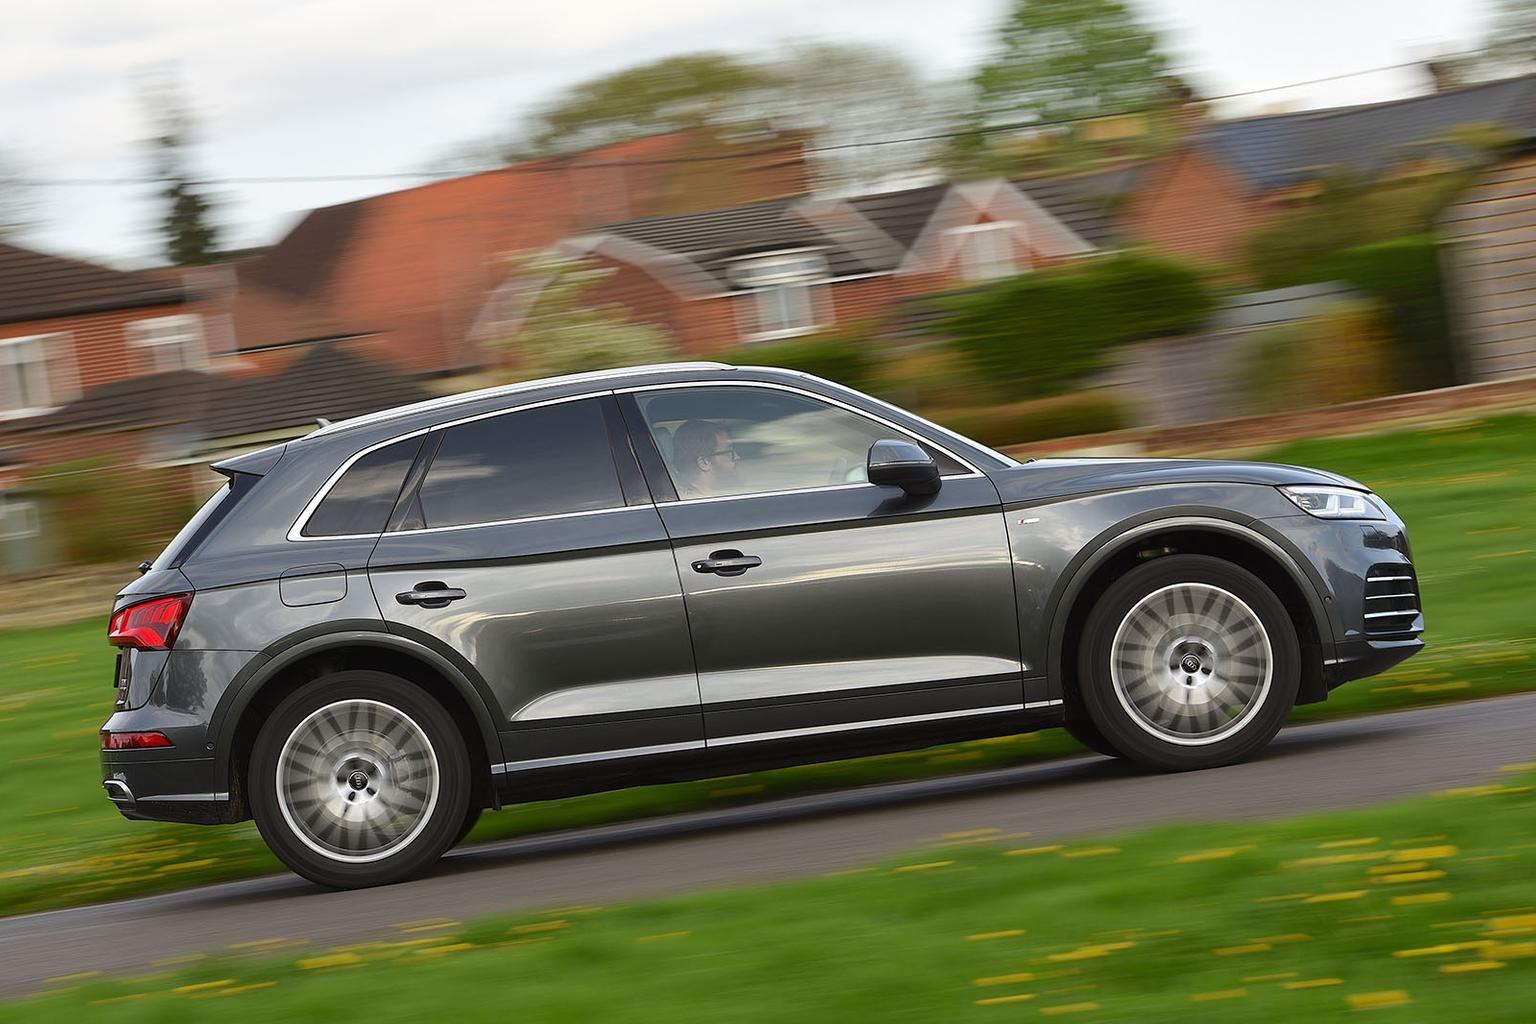 2018 Audi Q5 3.0 TDI review - verdict, specs, price and release date